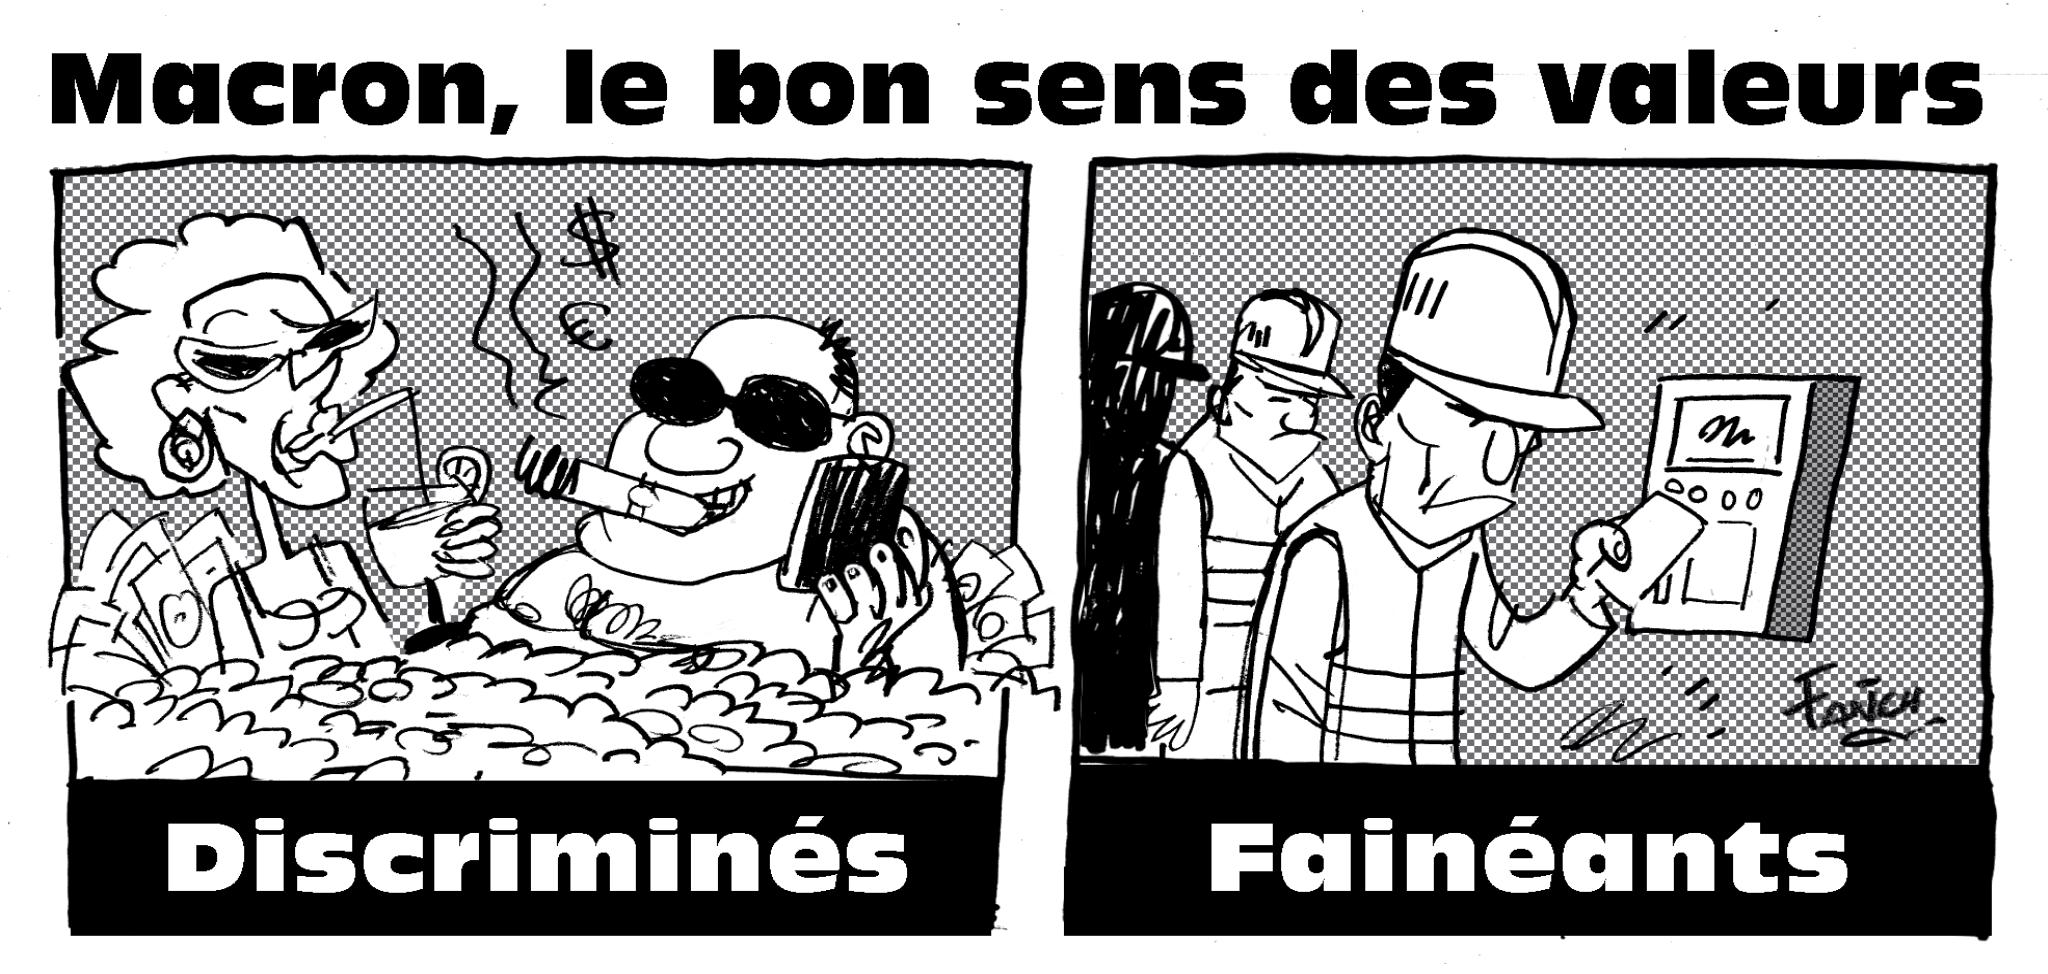 Gouvernement Valls 2 ça va valser ! Macron ne vous offrira pas de macarons...:) - Page 8 Dessinpng-525215